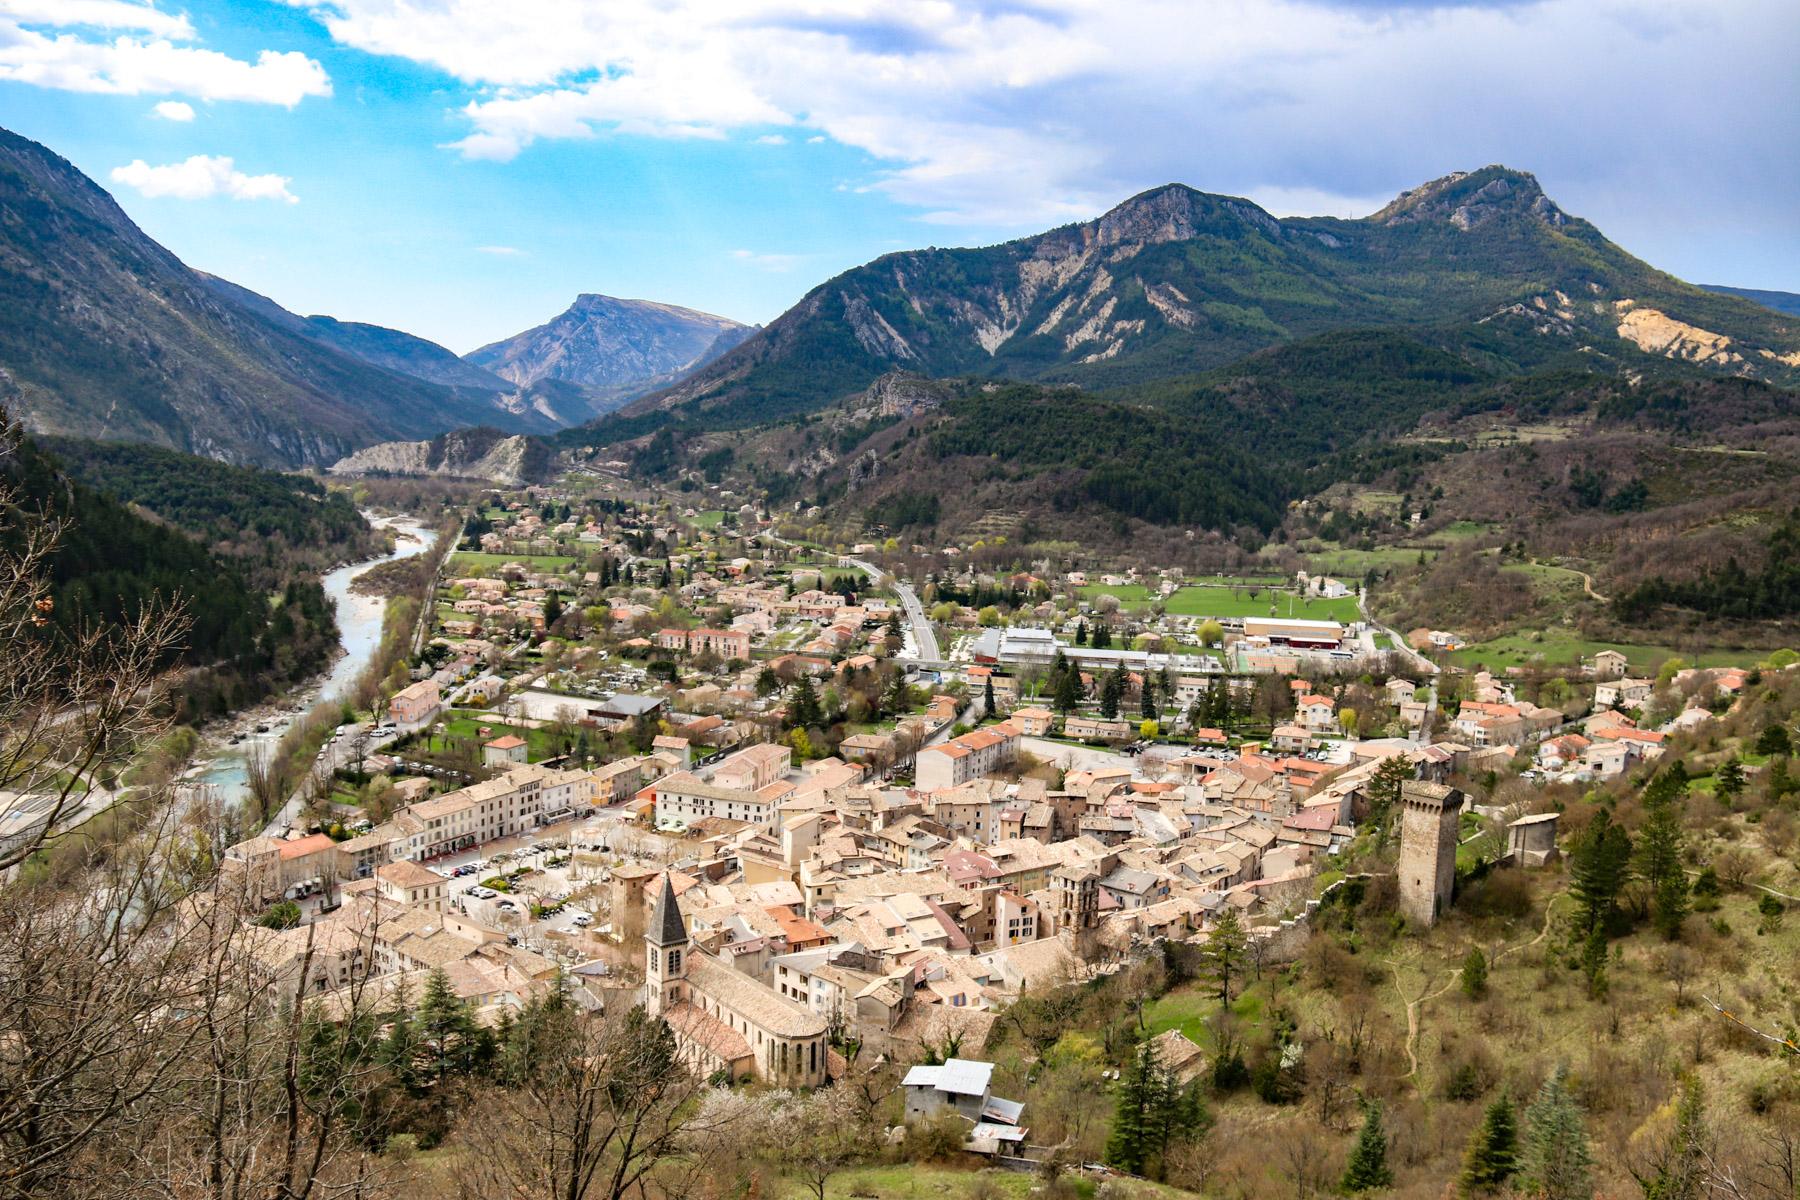 Vanaf de heuvel in Castellane